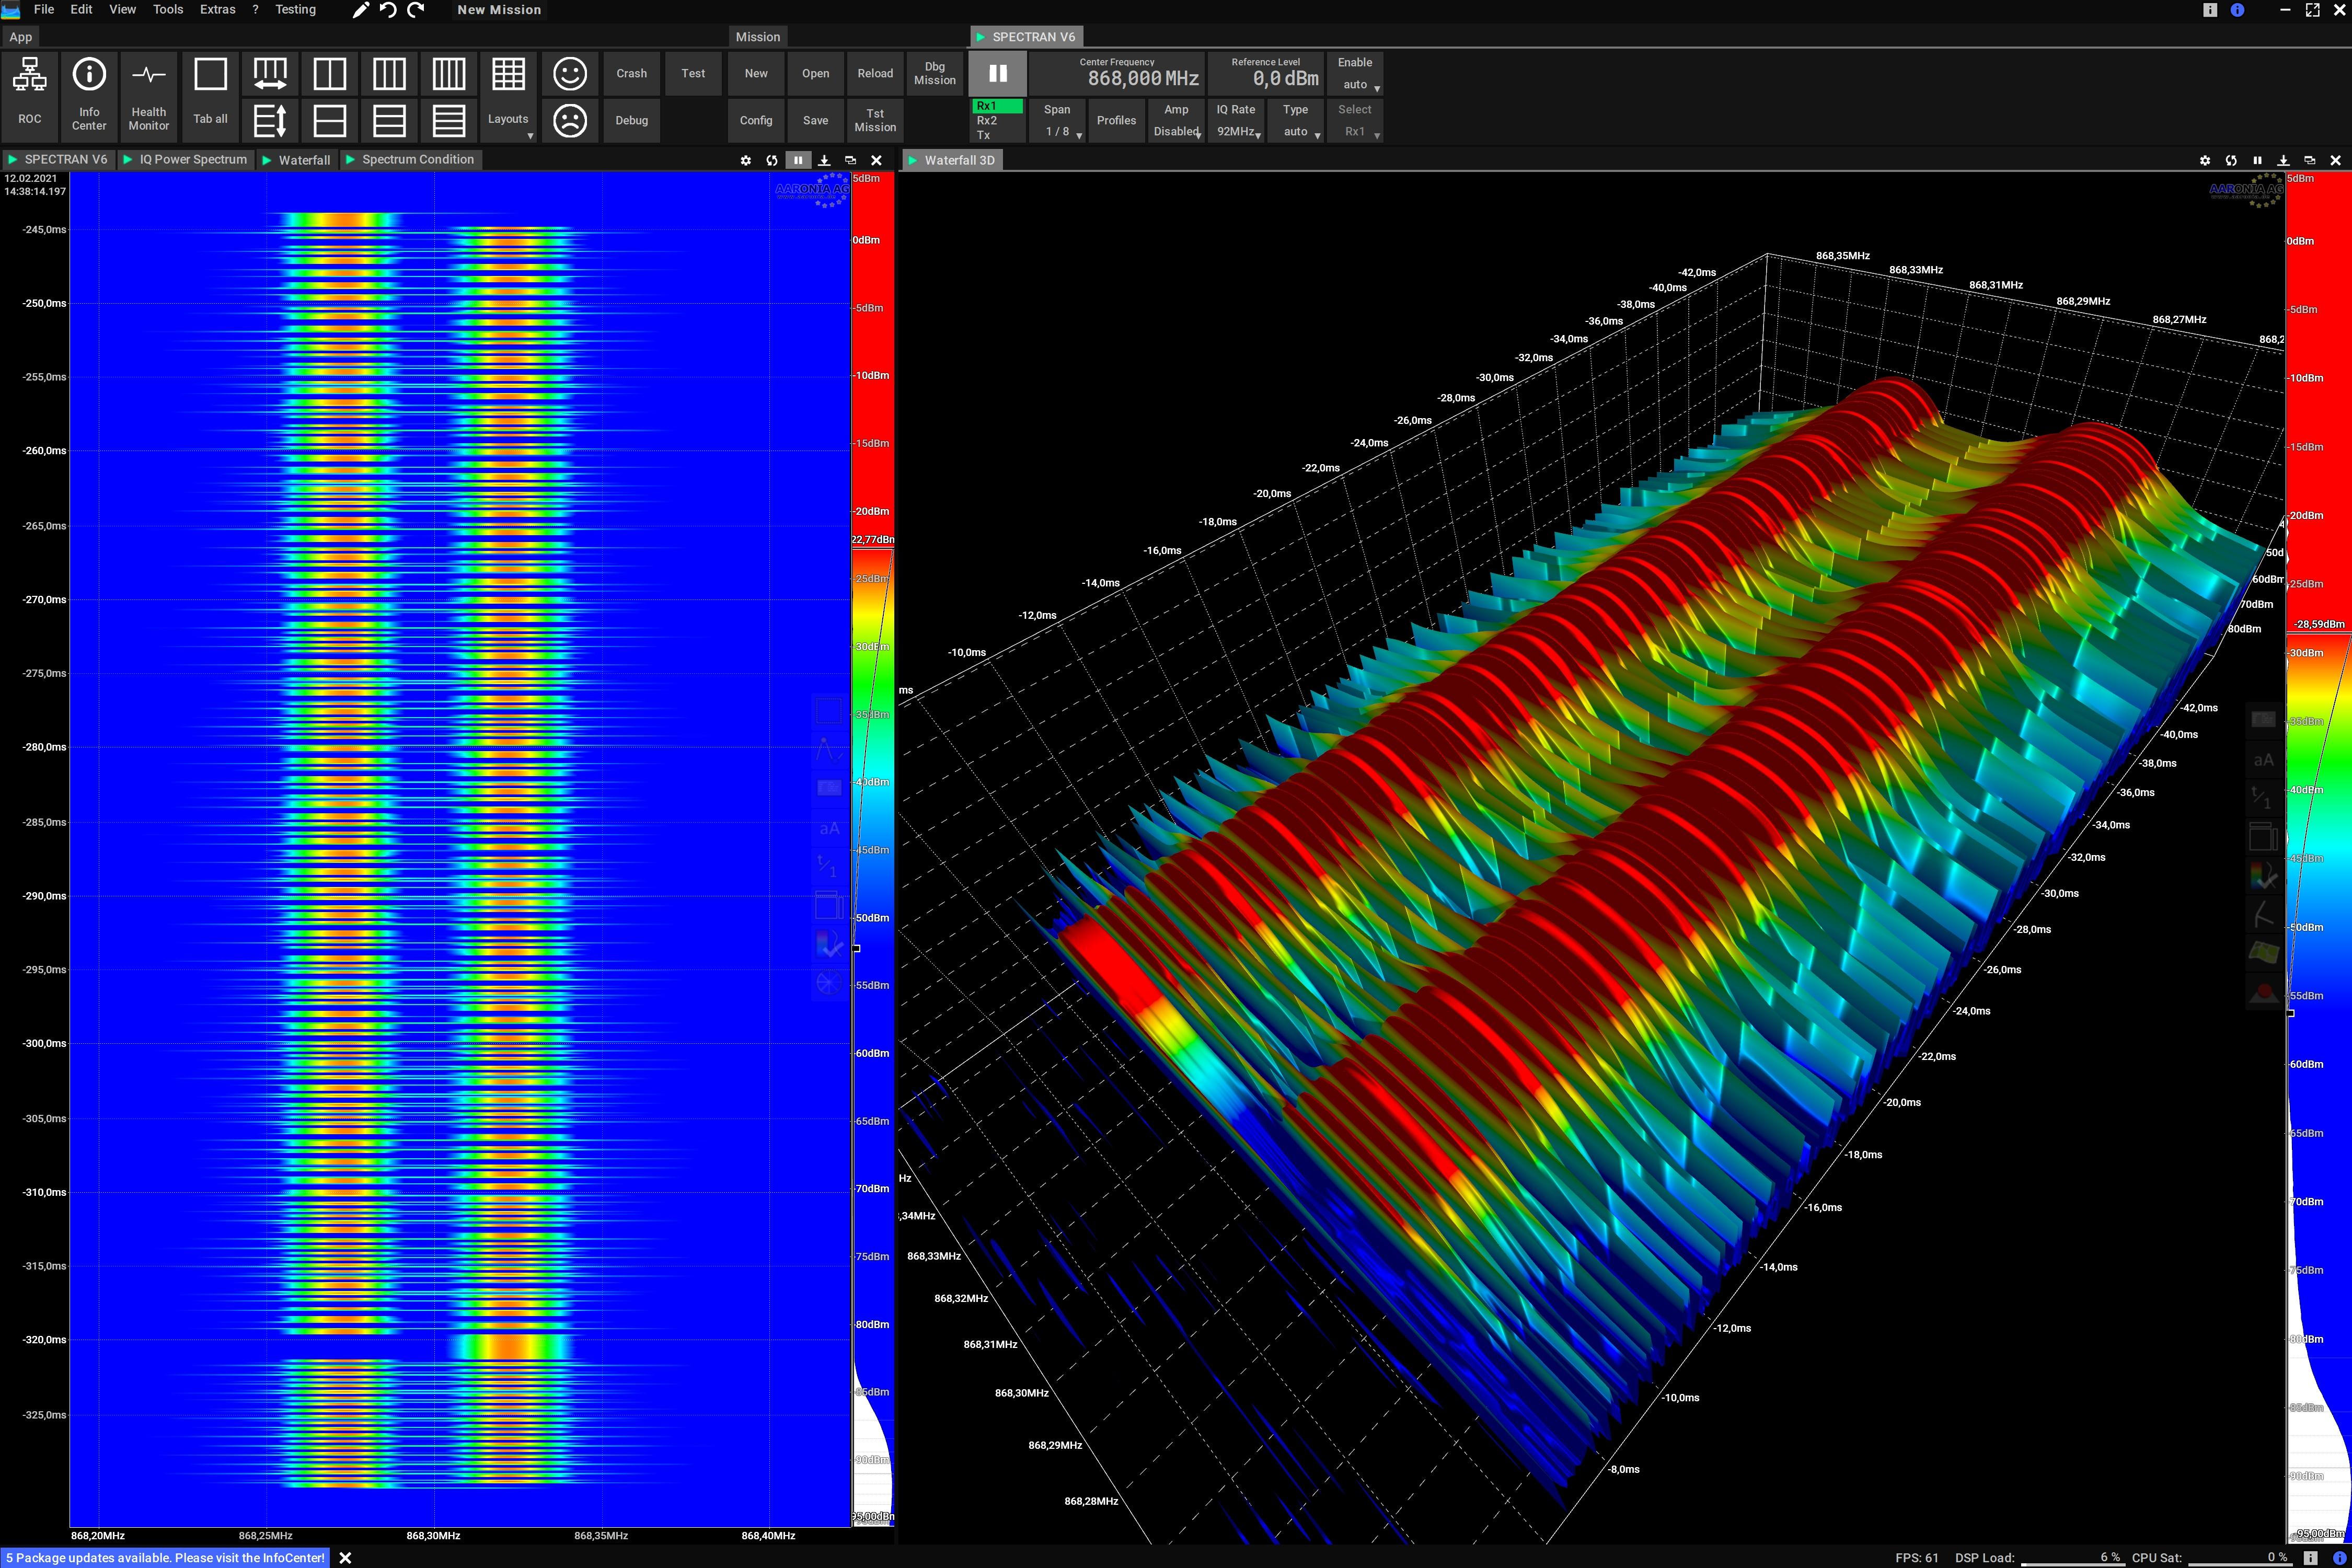 ISM868 GFSK Modulation Spectrum